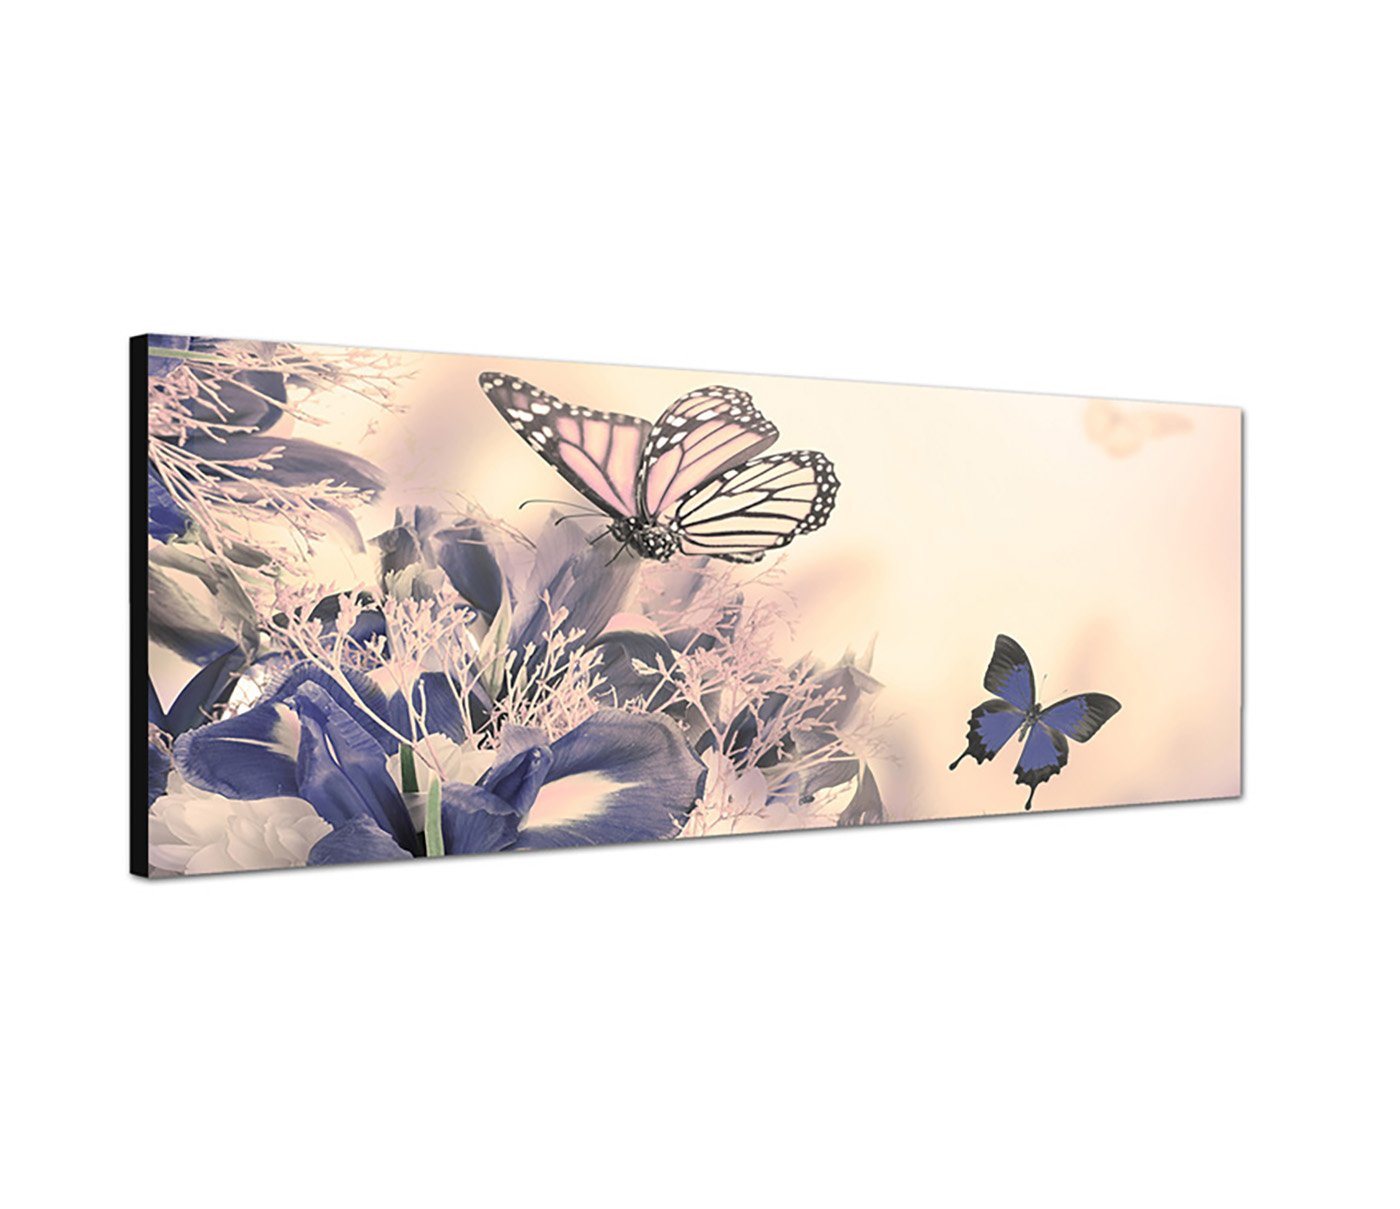 Wandbild 150x50cm Blumenwiese Frühling Schmetterlinge Licht: Amazon ...